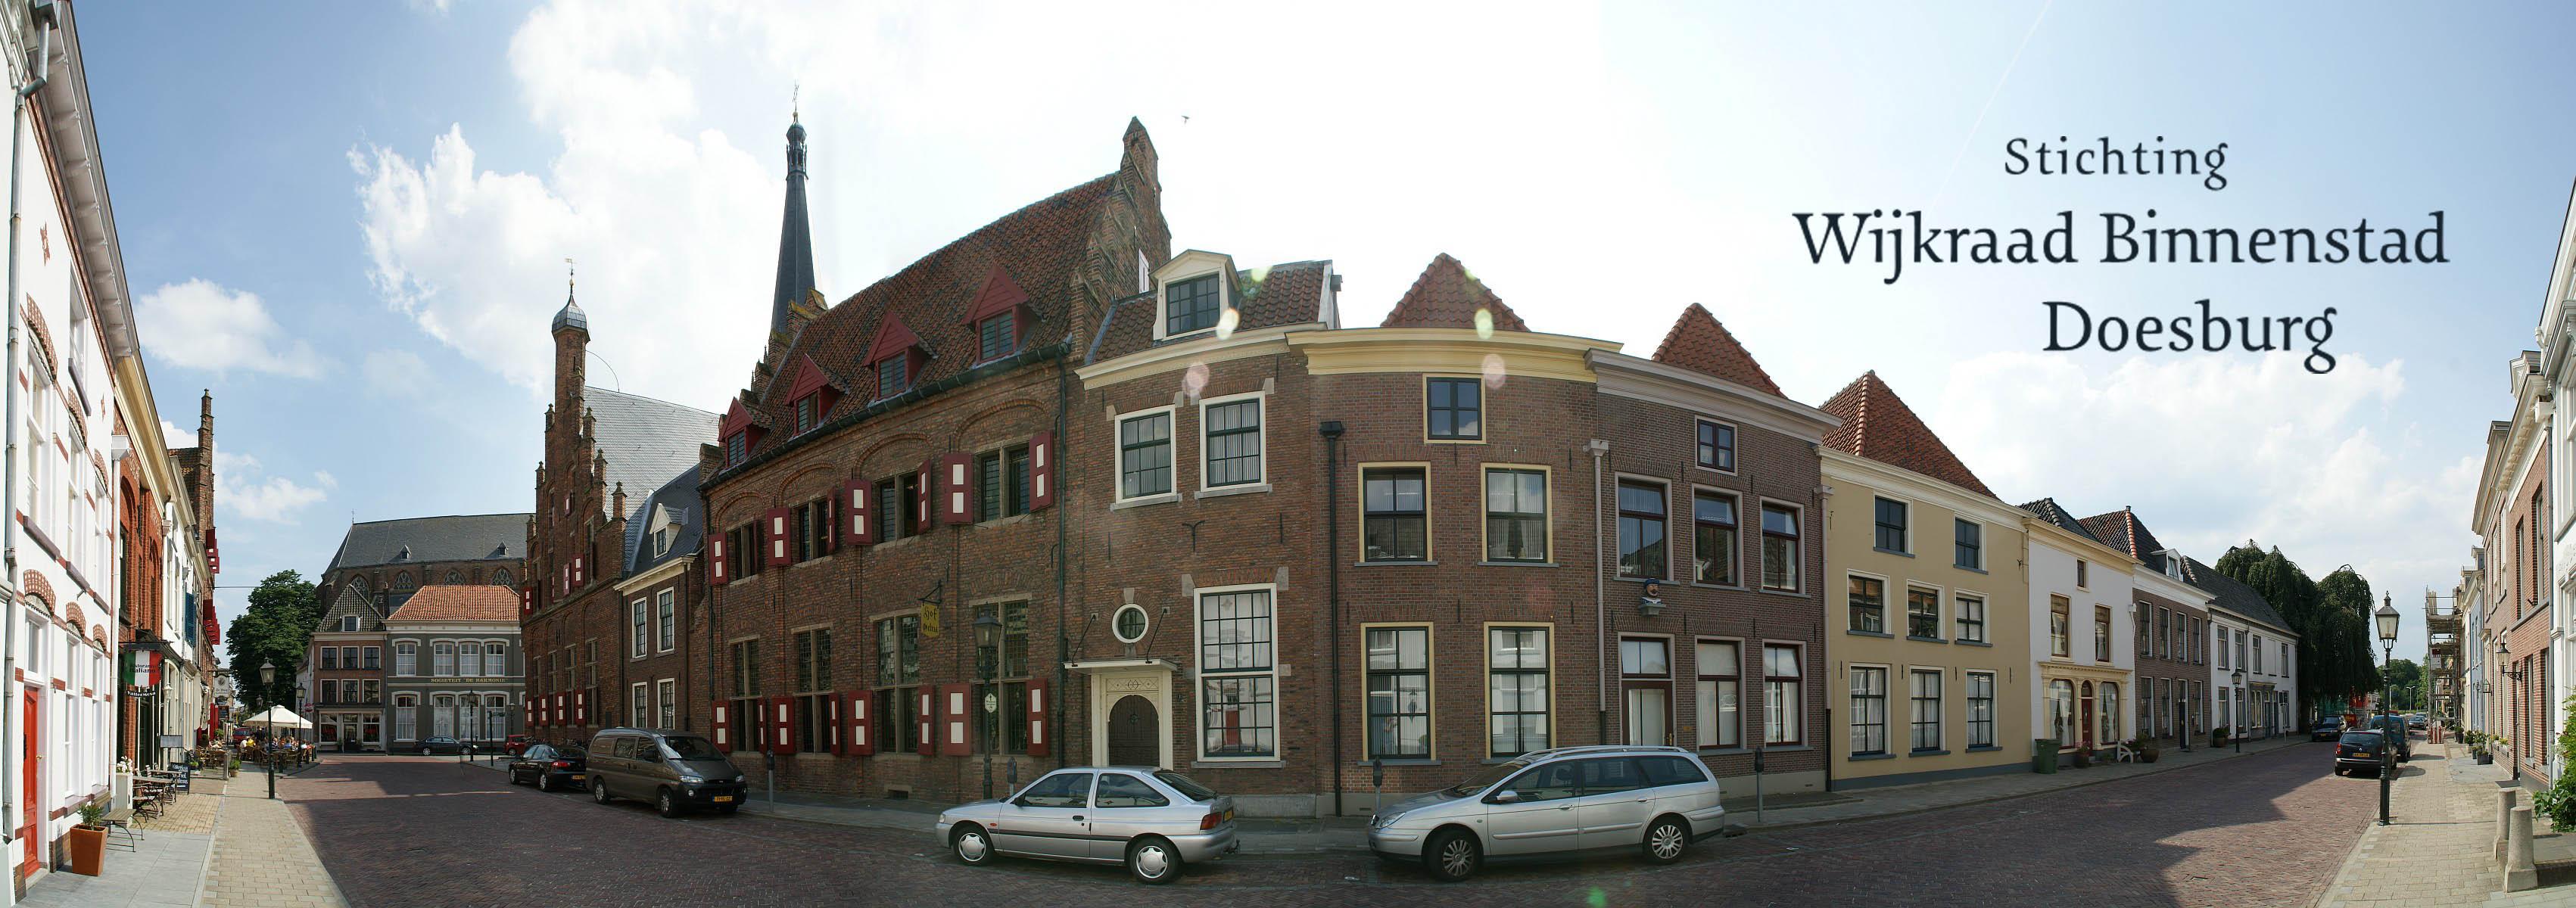 Wijkraad Binnenstad Doesburg